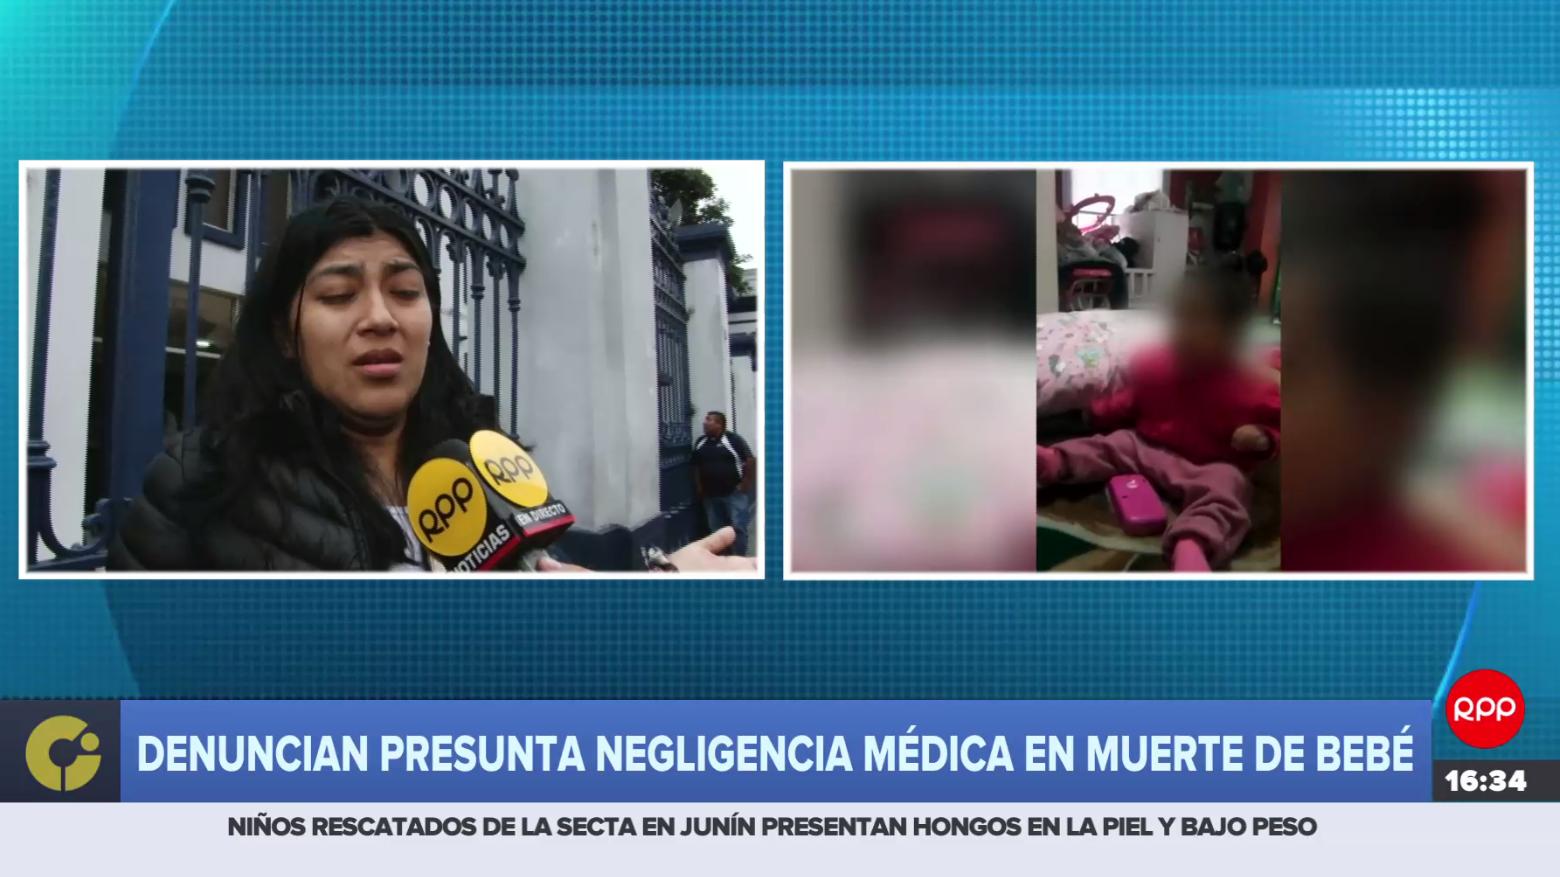 Denuncian presunta negligencia médica en fallecimiento de bebé de nueve meses.